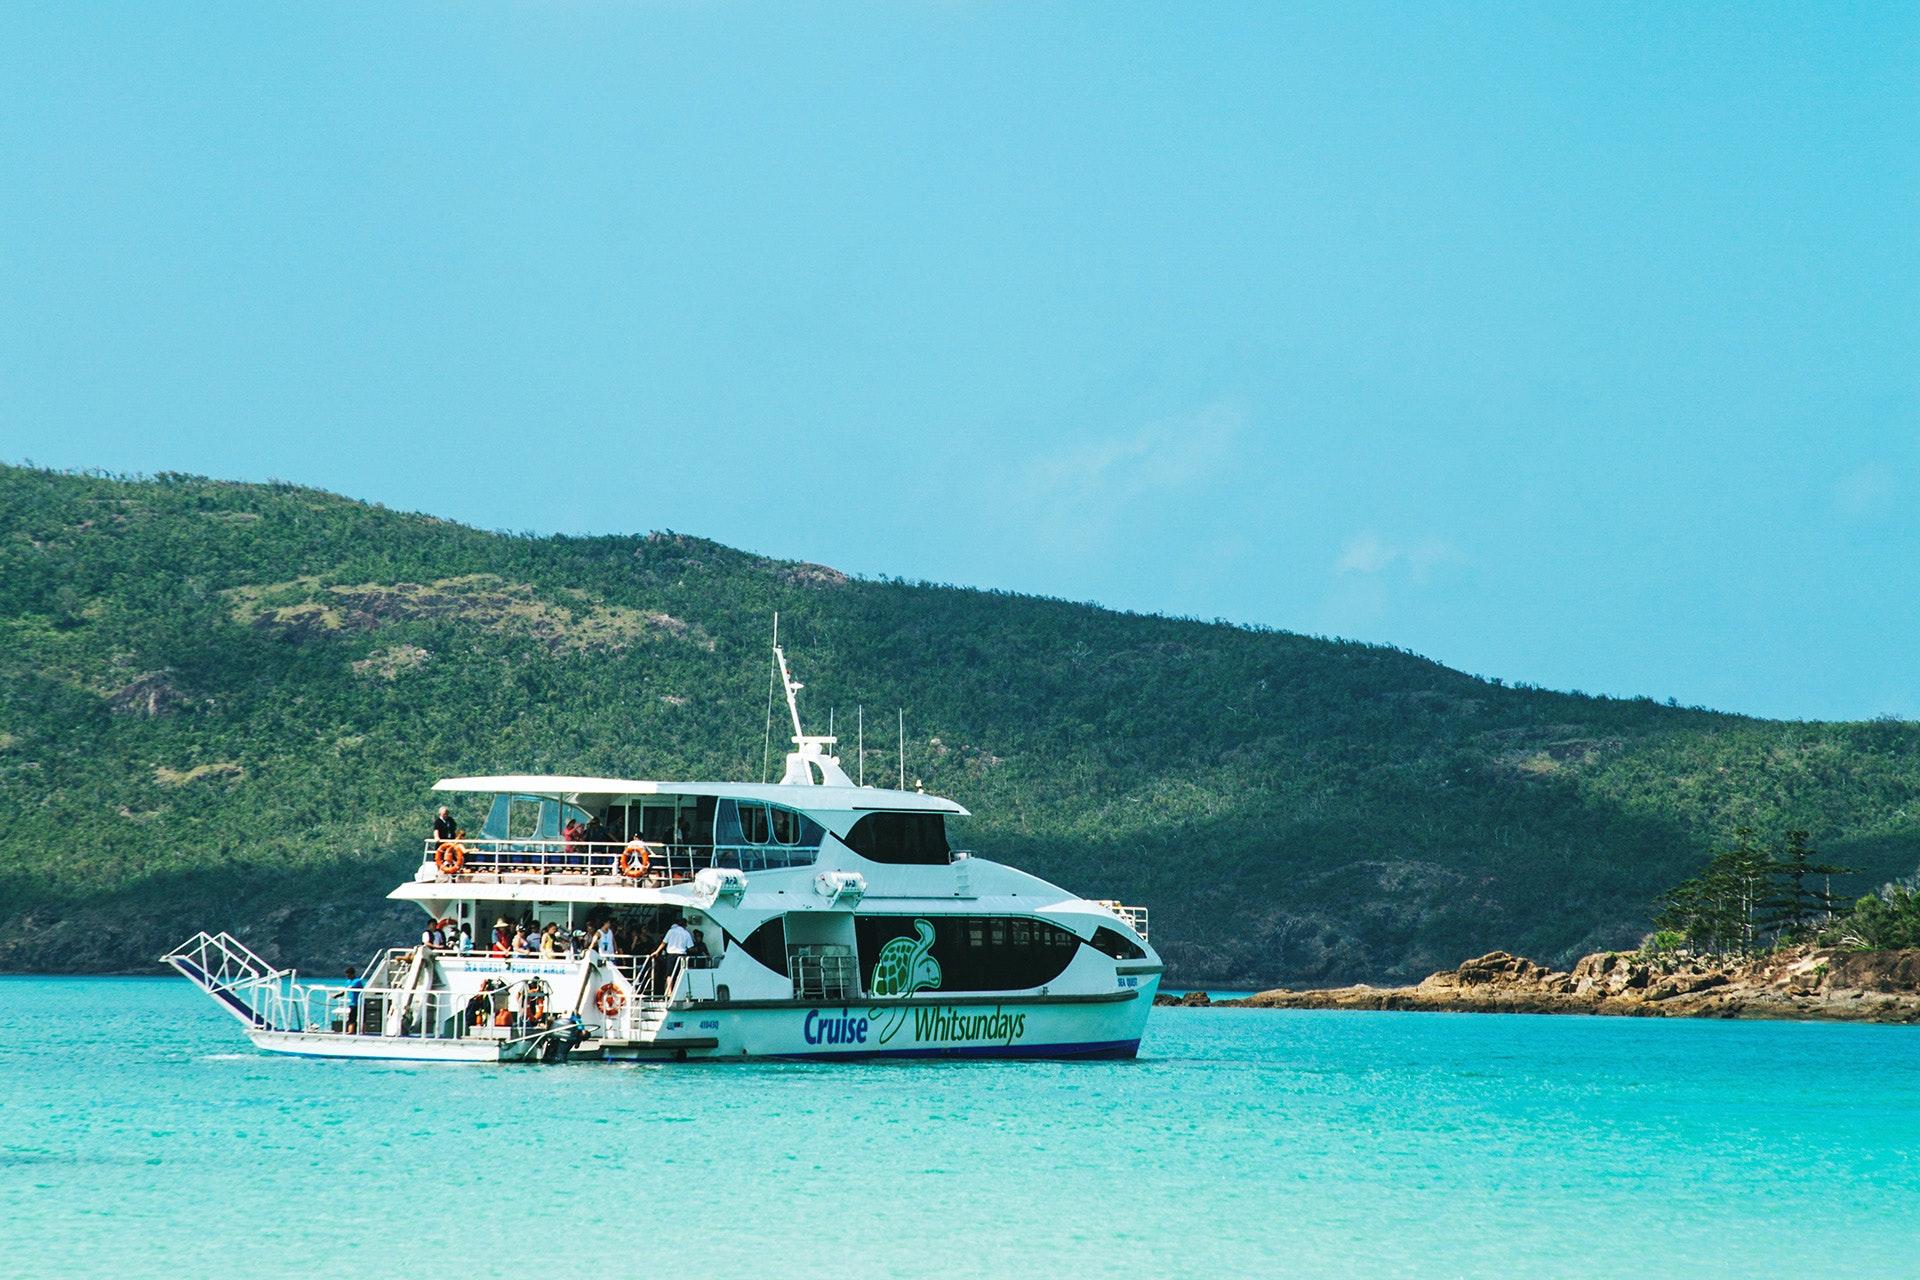 Island Paradise - Cruise Whitsundays